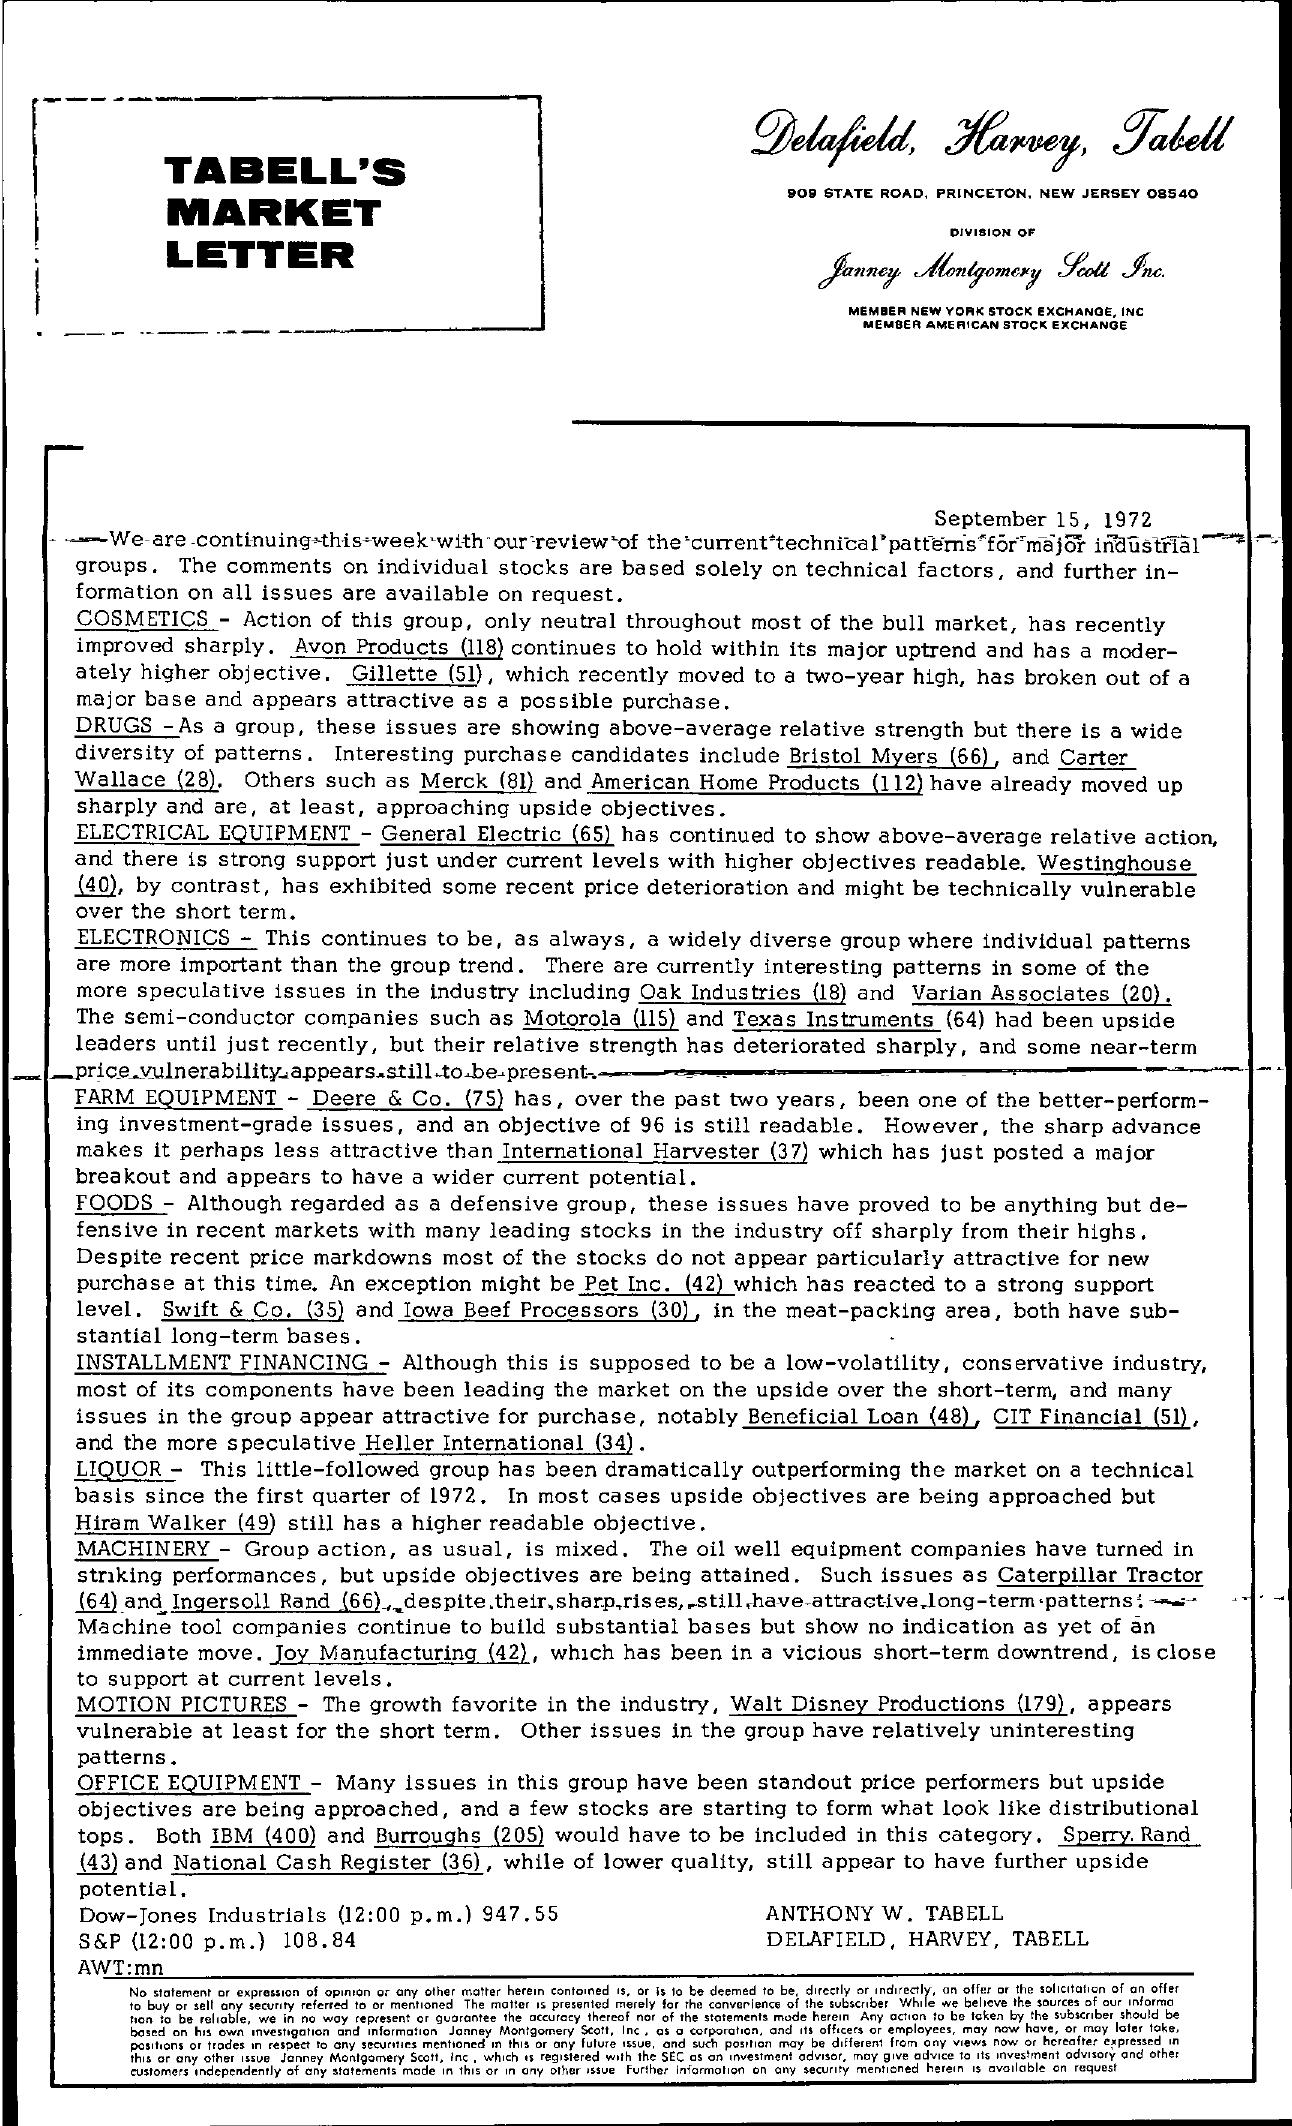 Tabell's Market Letter - September 15, 1972